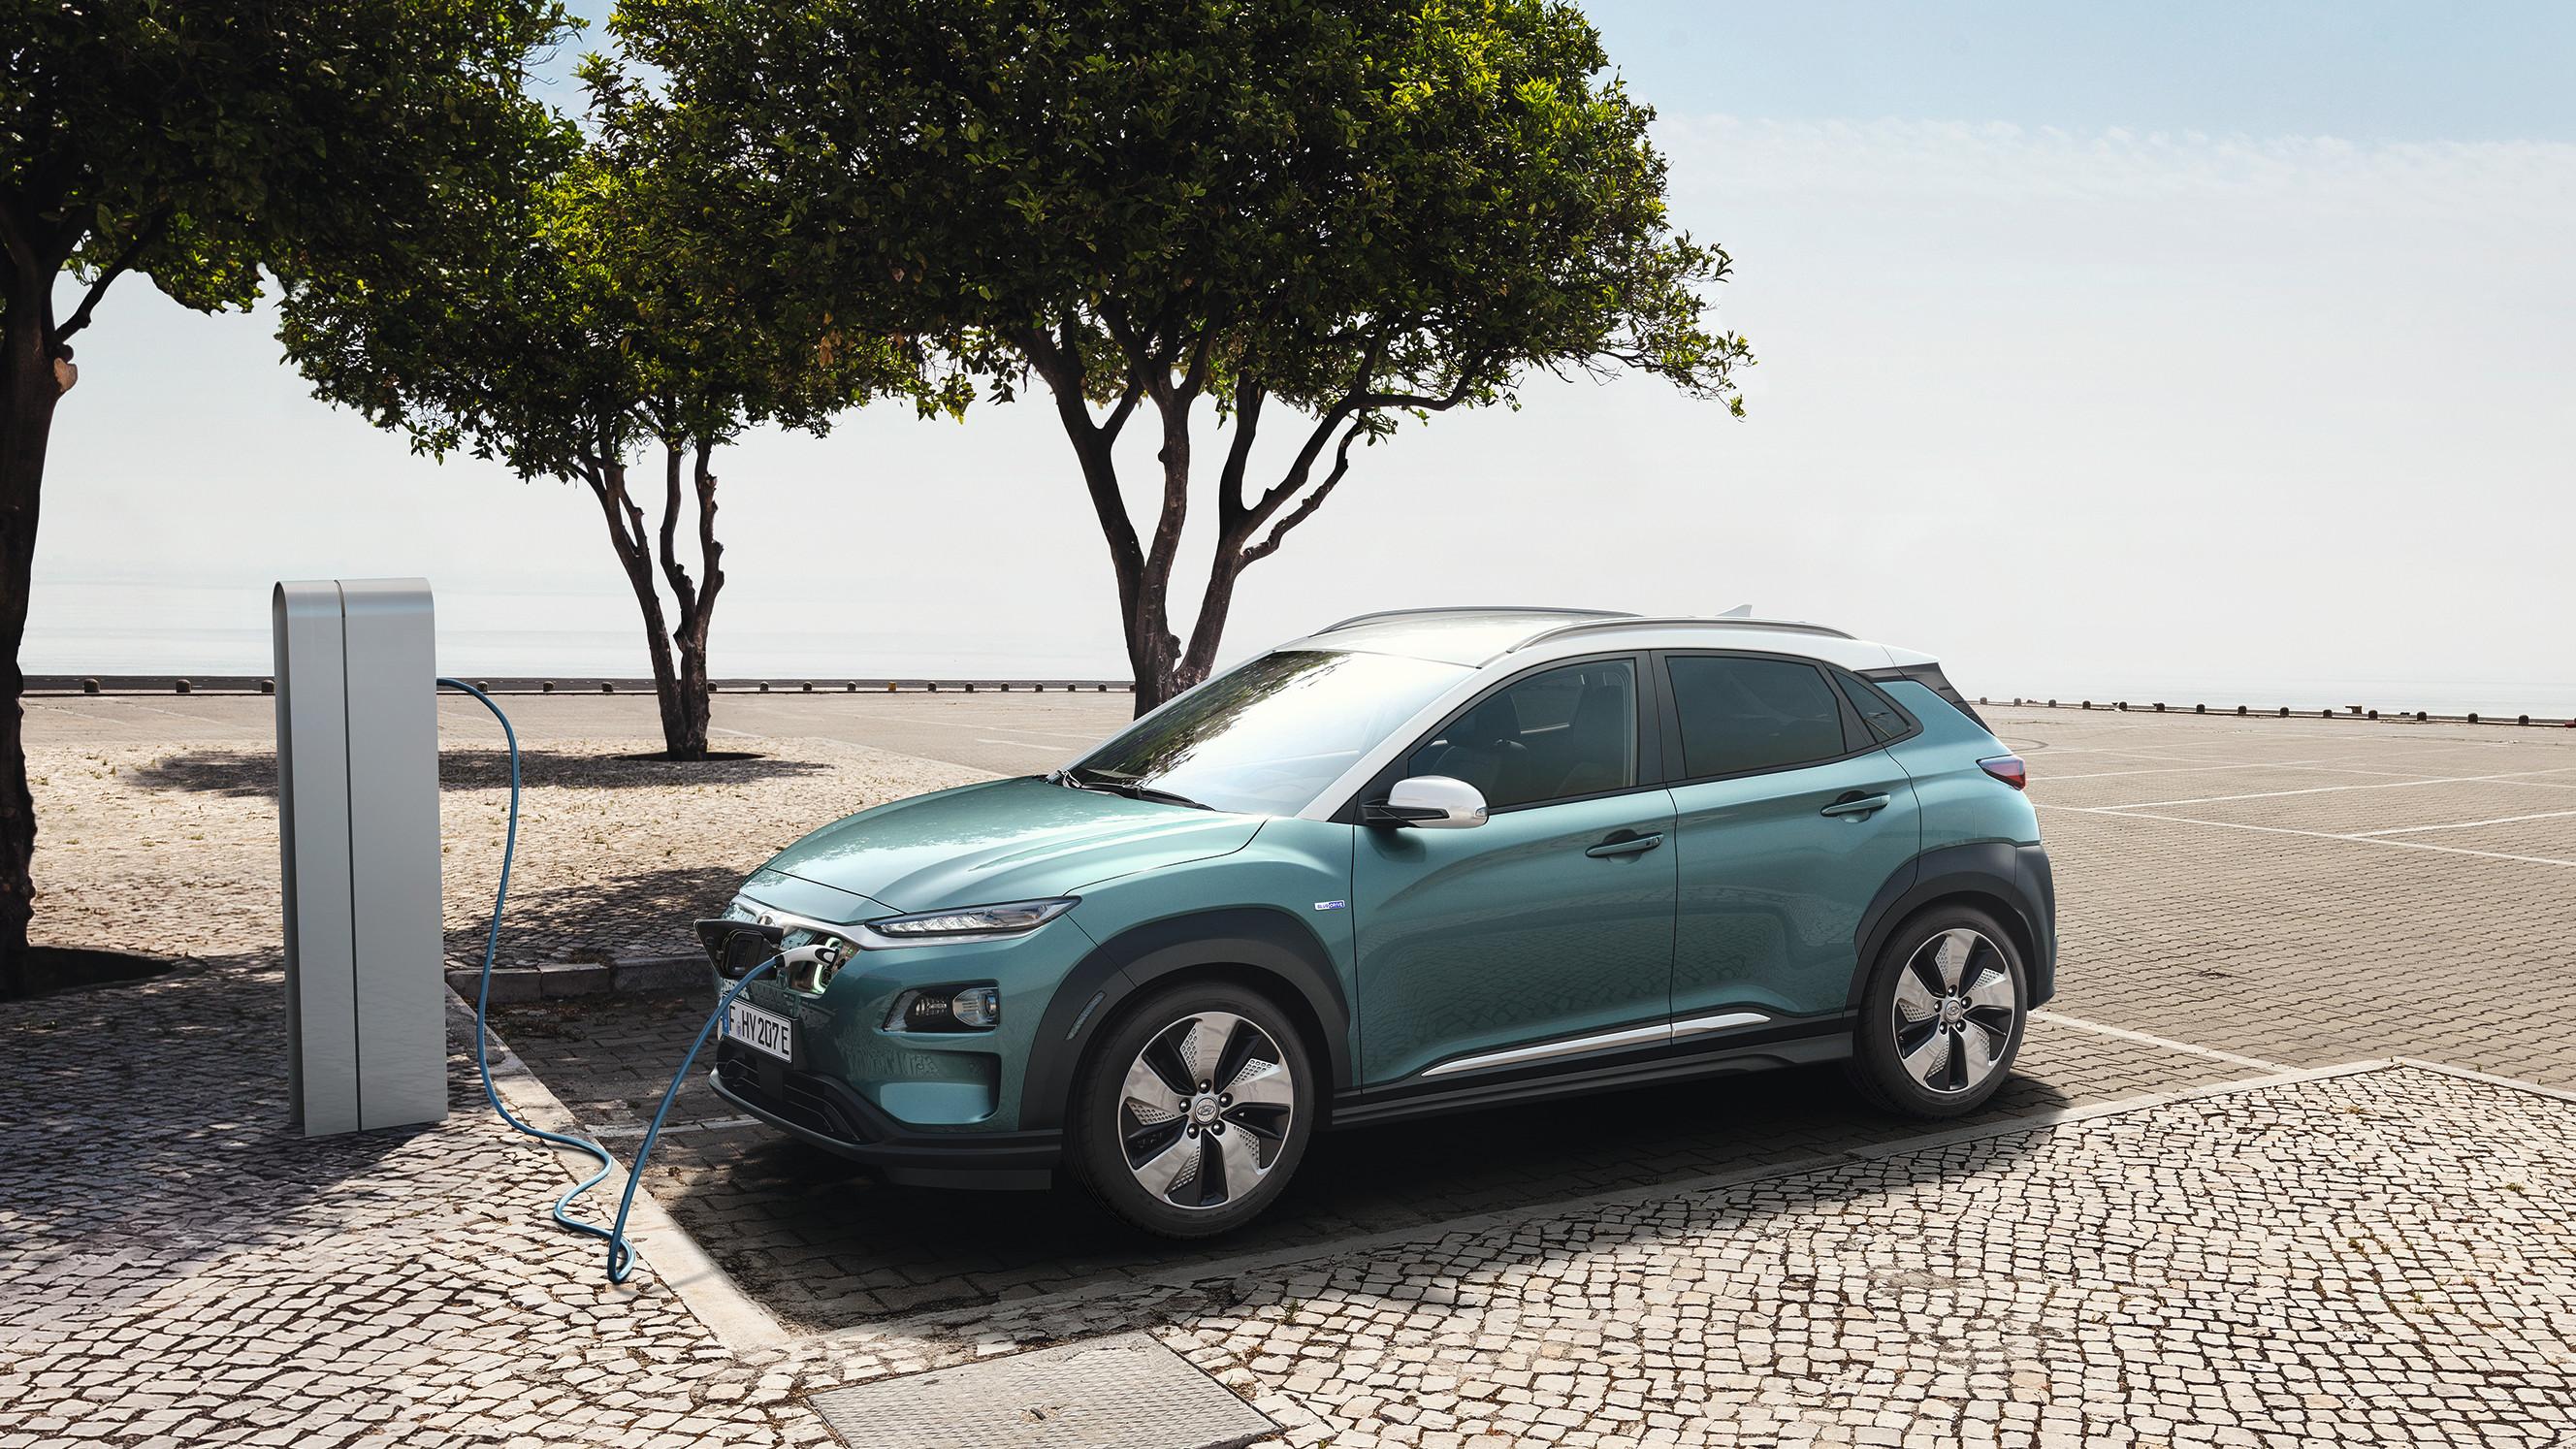 Hyundai Kona Elektro – Preise beginnen bei 34.600 Euro